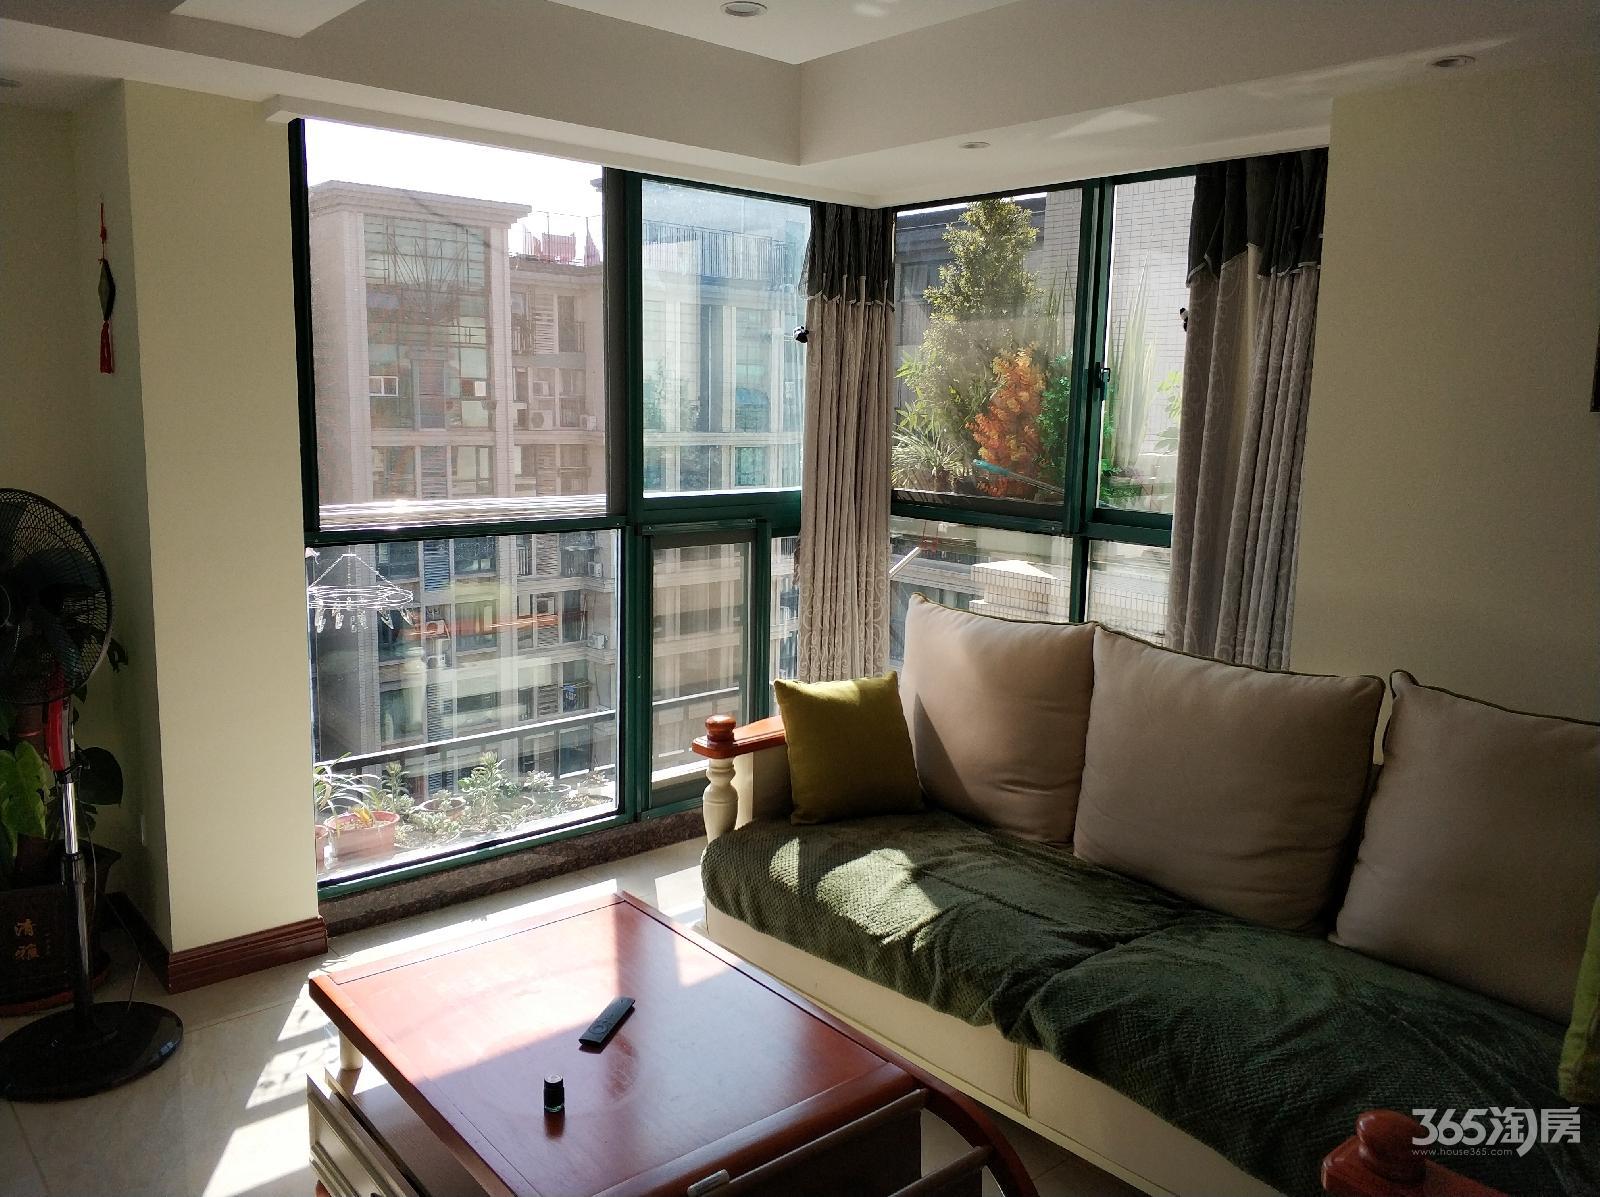 诚售可谈雅居乐花园2室1厅1豪华装朝南产权房